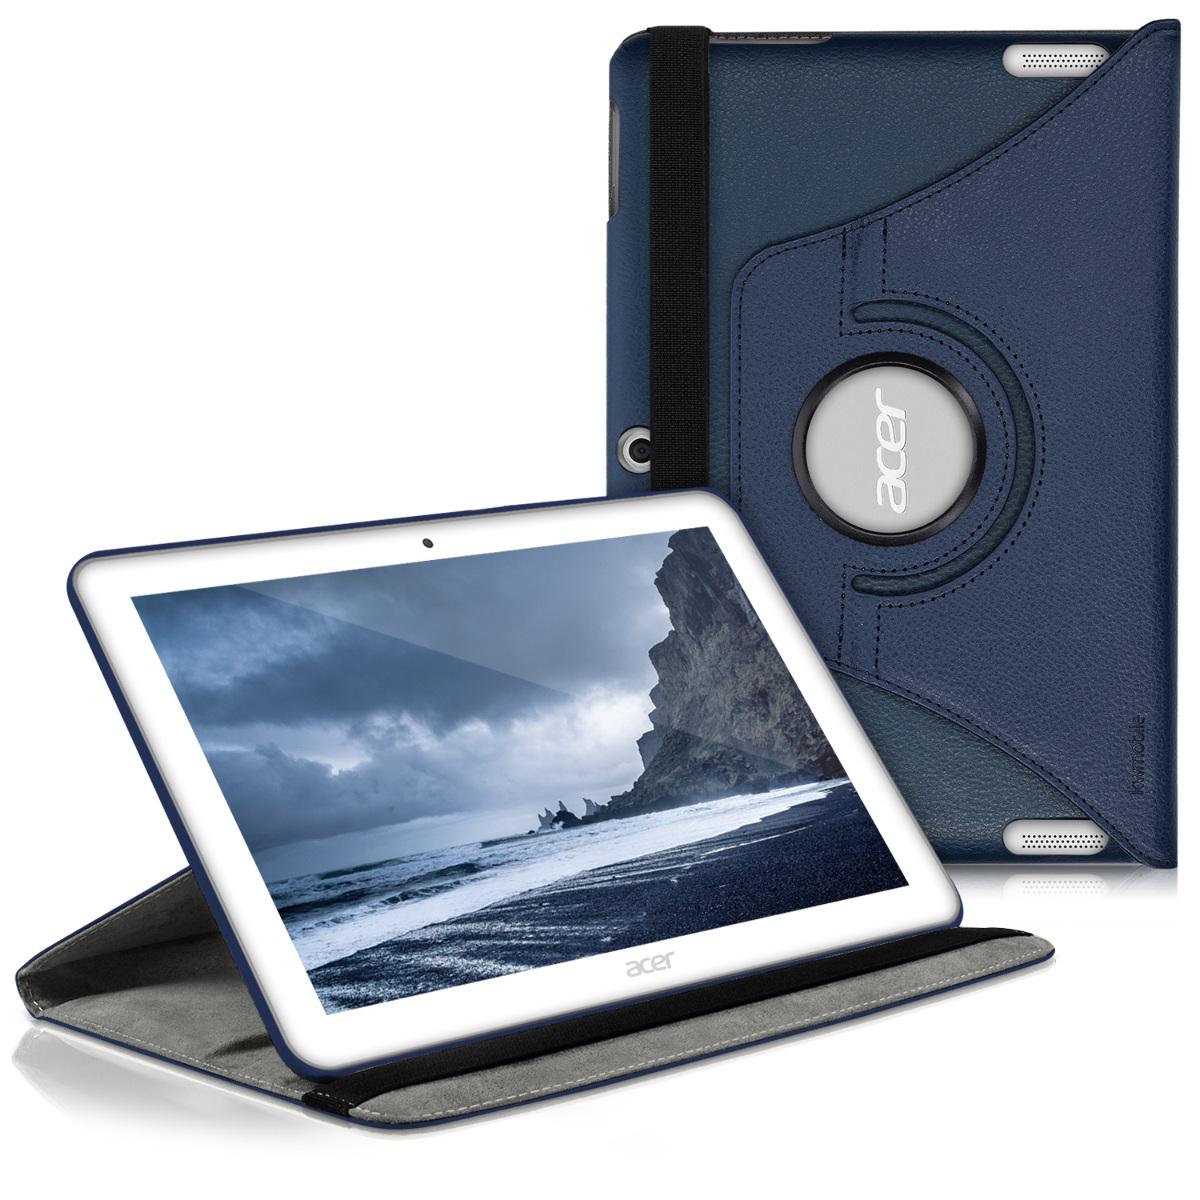 KW Θήκη 360° Acer Iconia Tab 10 (A3-A20) - Συνθετικό Δέρμα - Dark Blue (26813.17)